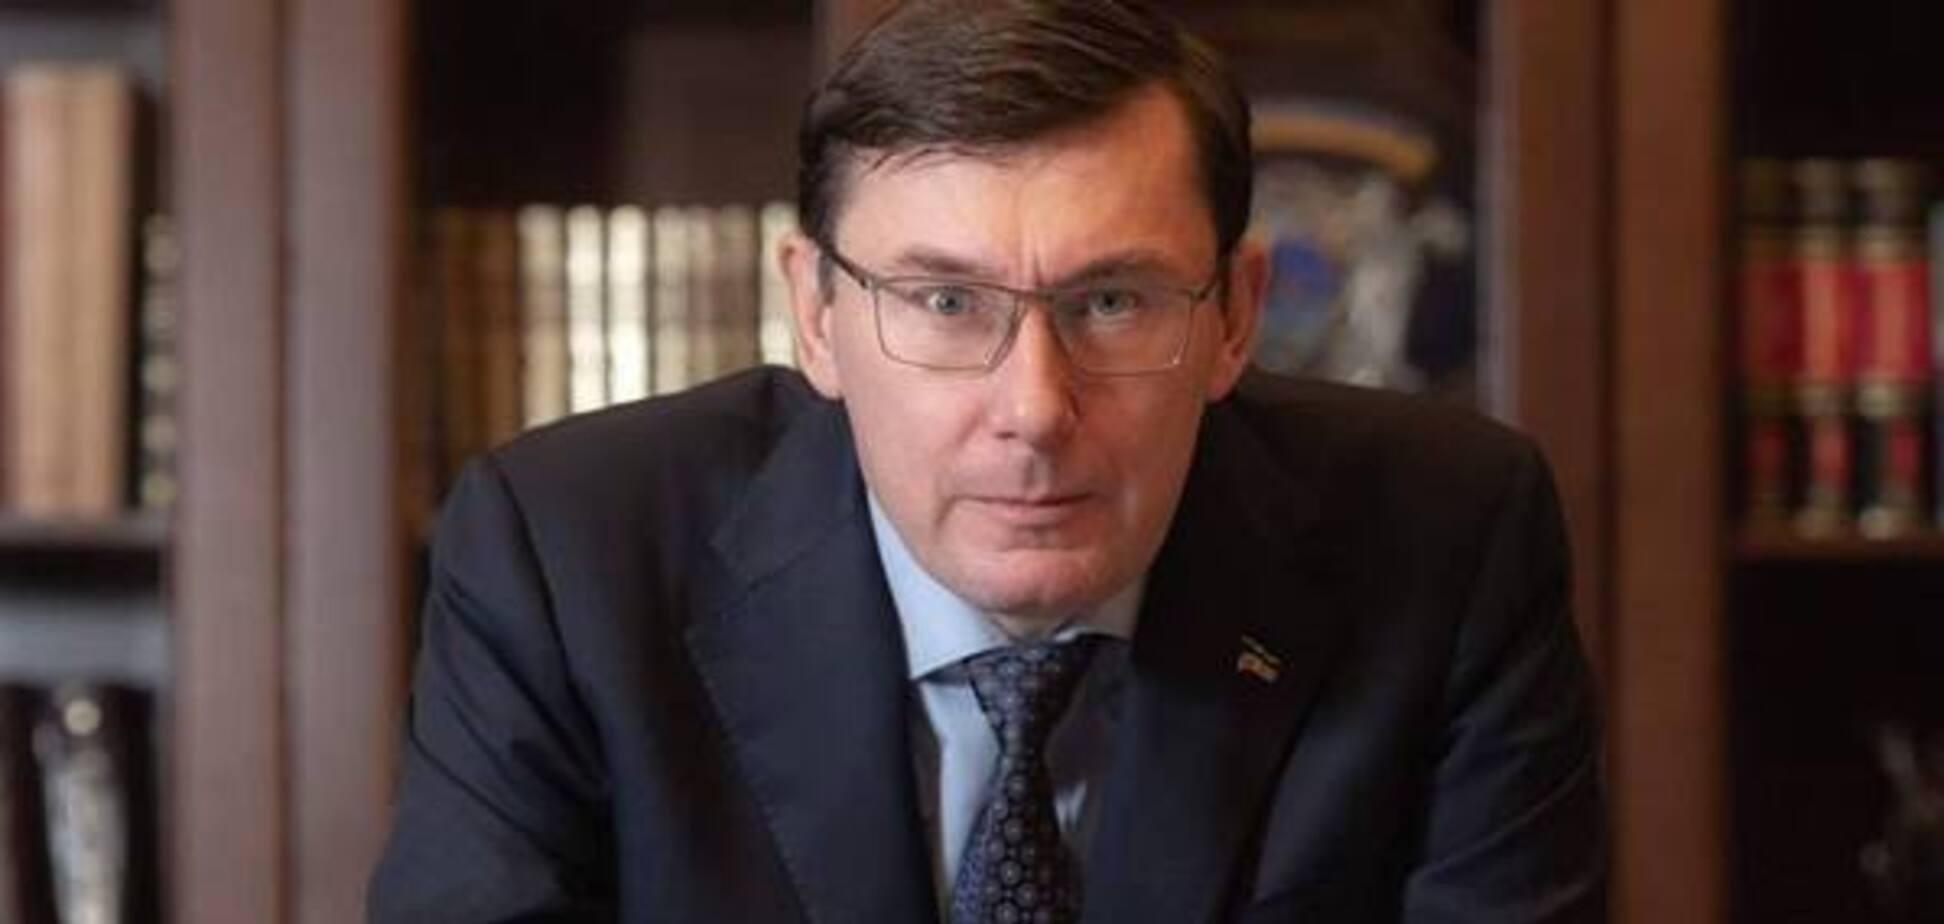 Луценко написал заявление об отставке: что дальше